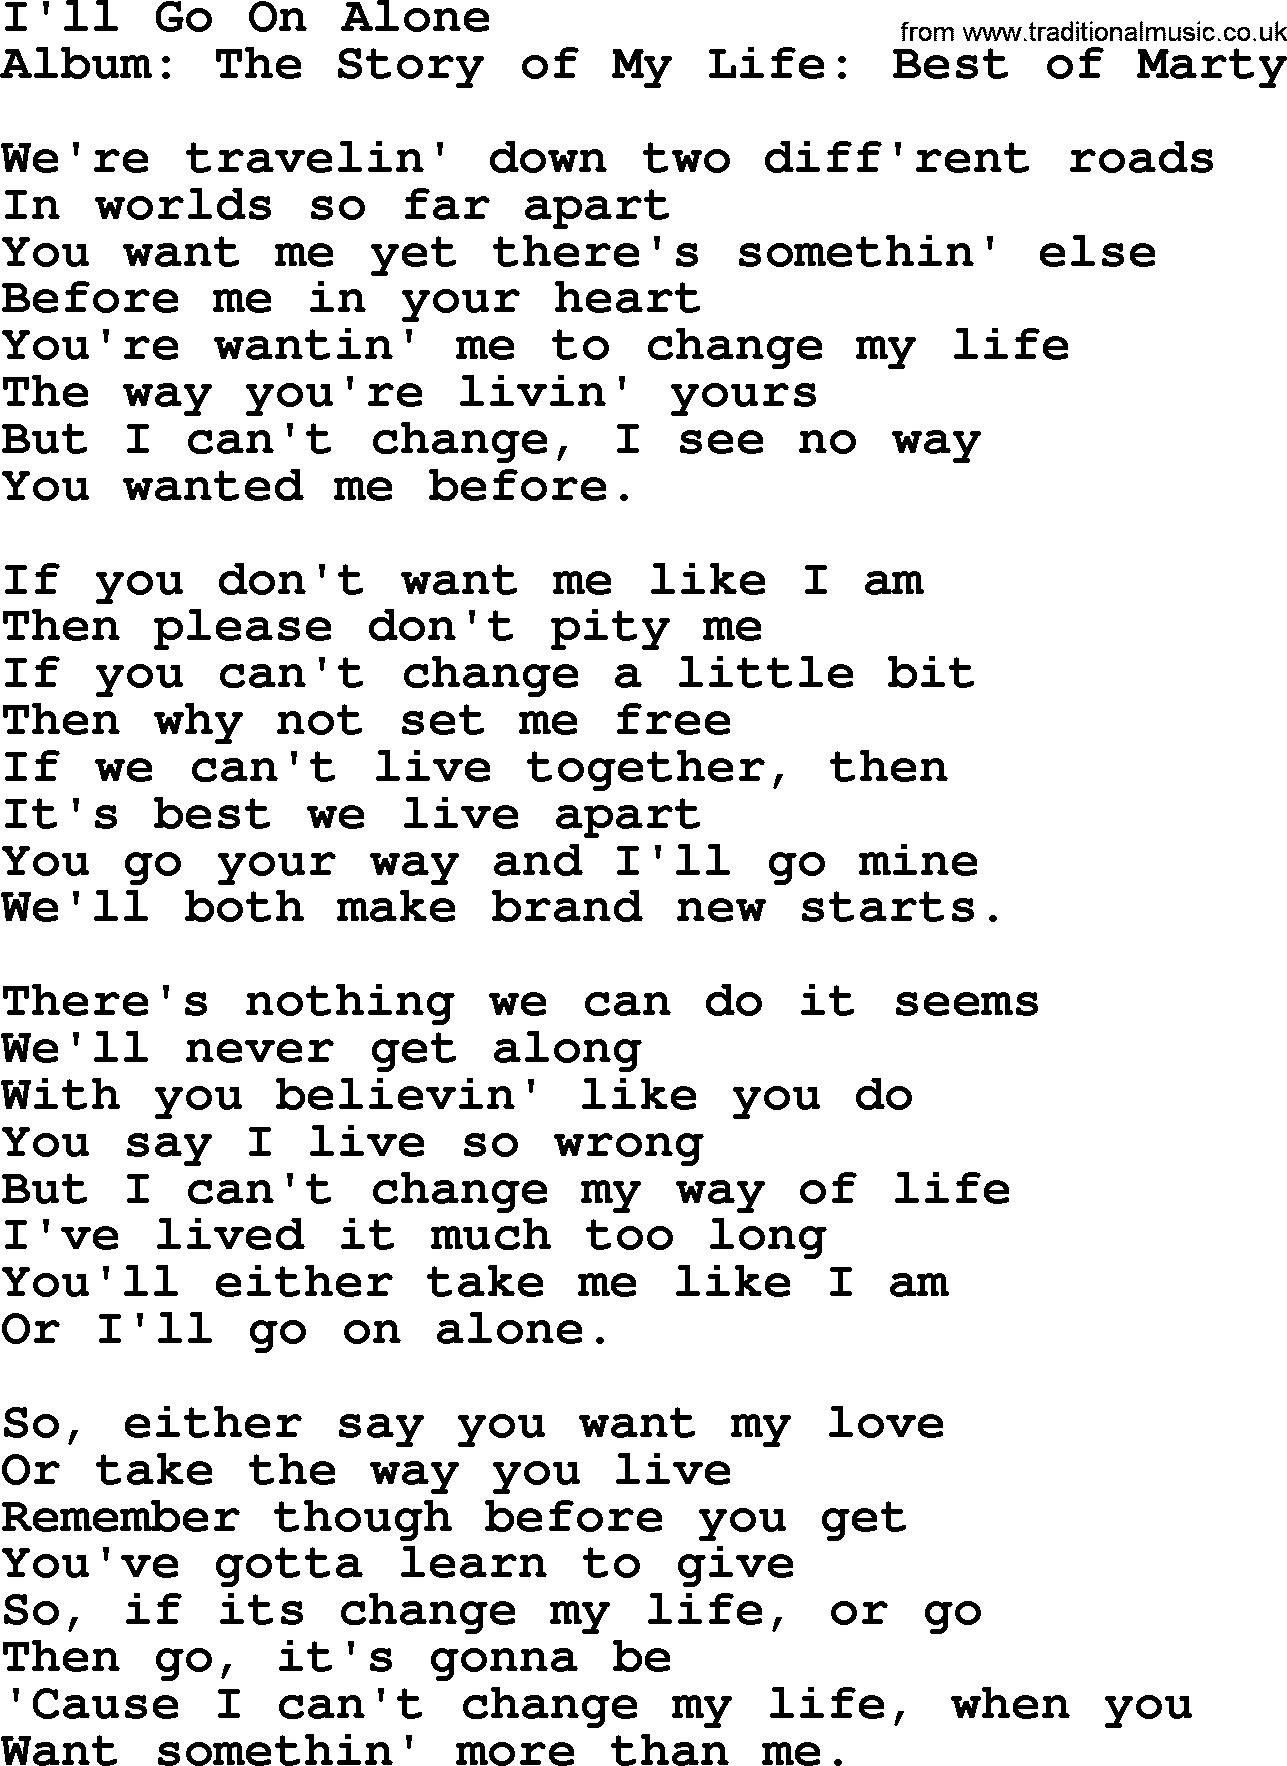 Ill Go On Alone By Marty Robbins Lyrics